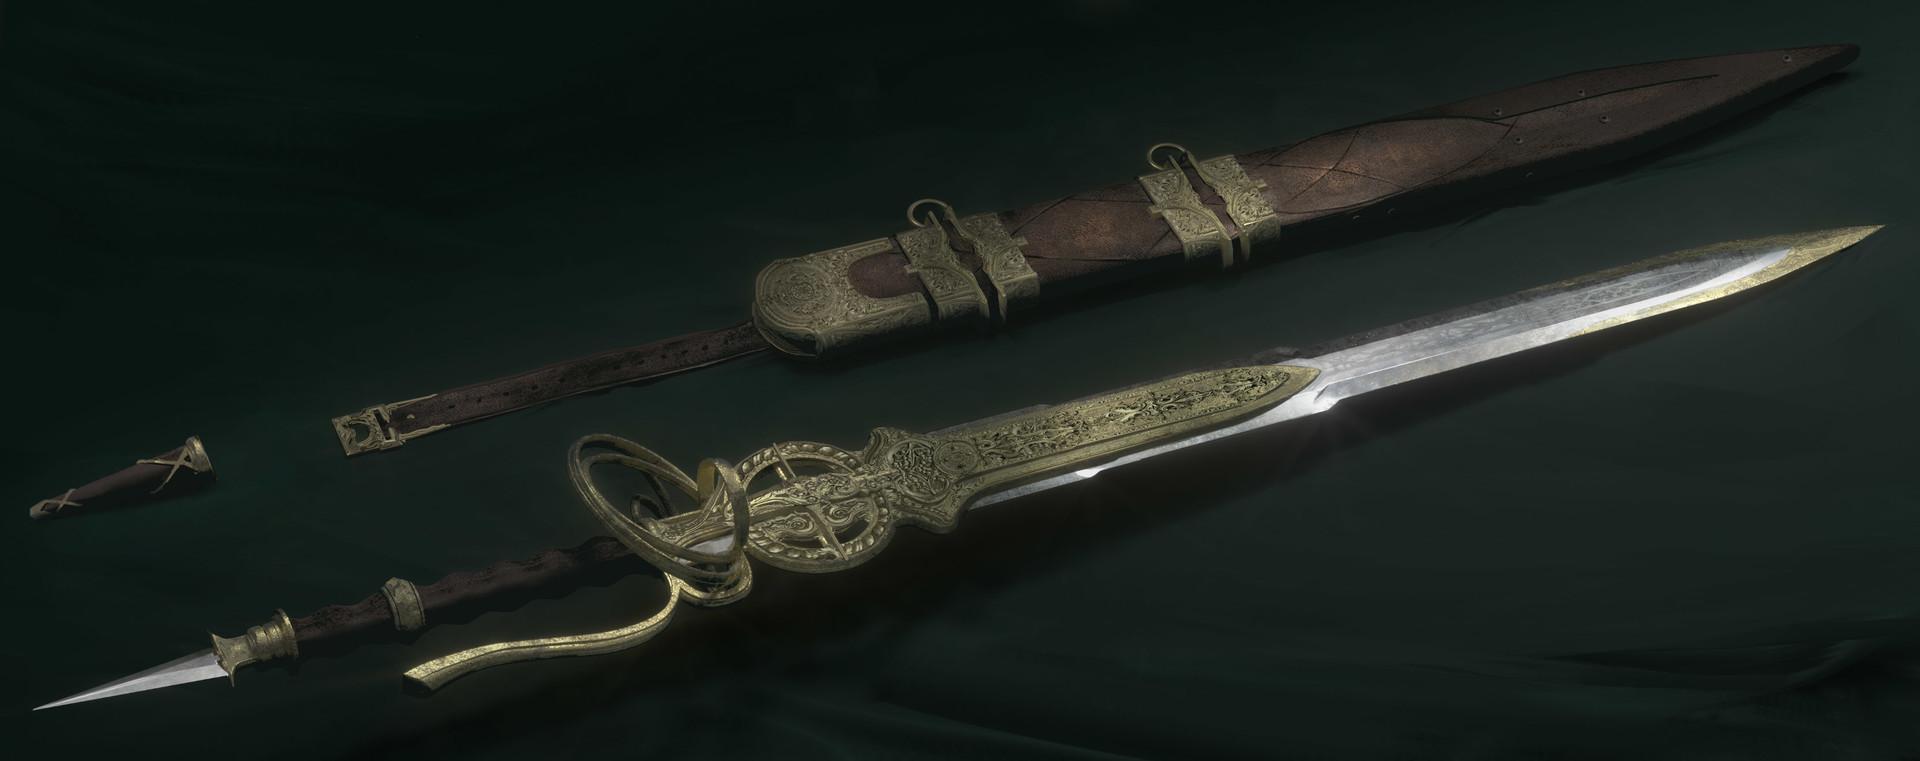 карта таро пять мечей